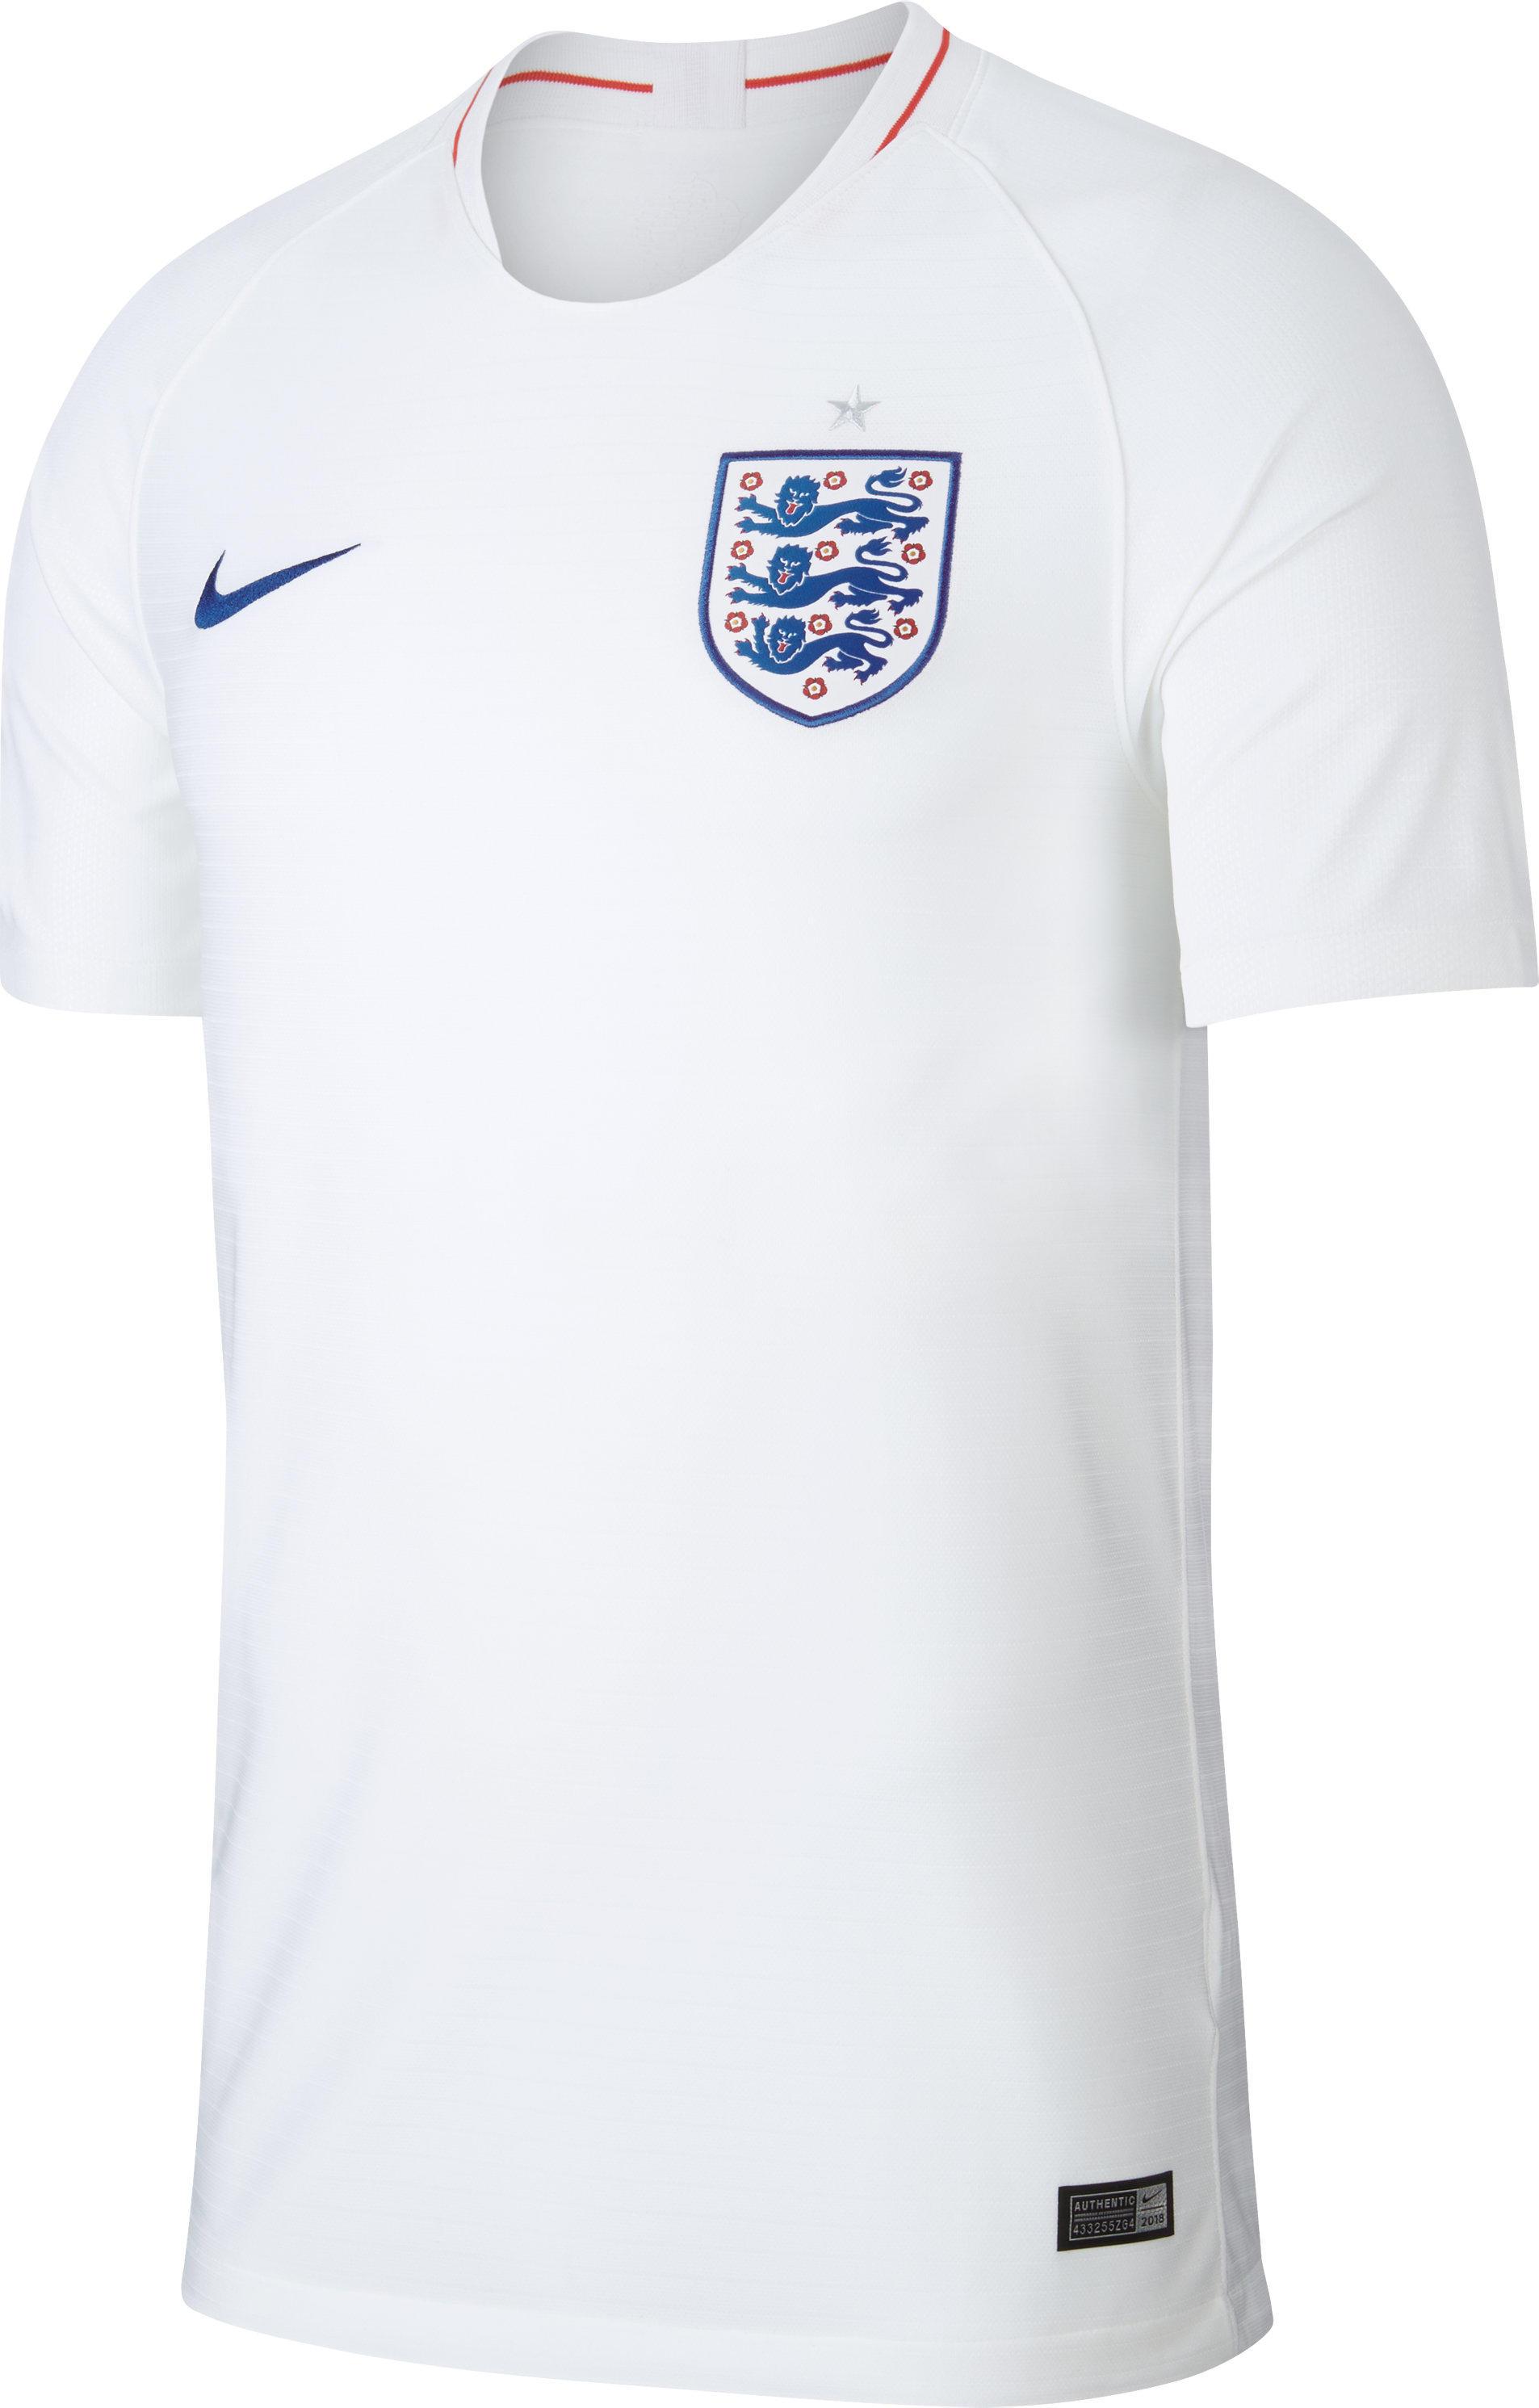 Maillot Adulte Blanc Bleu Domicile Angleterre Football Réplique 35jARq4L